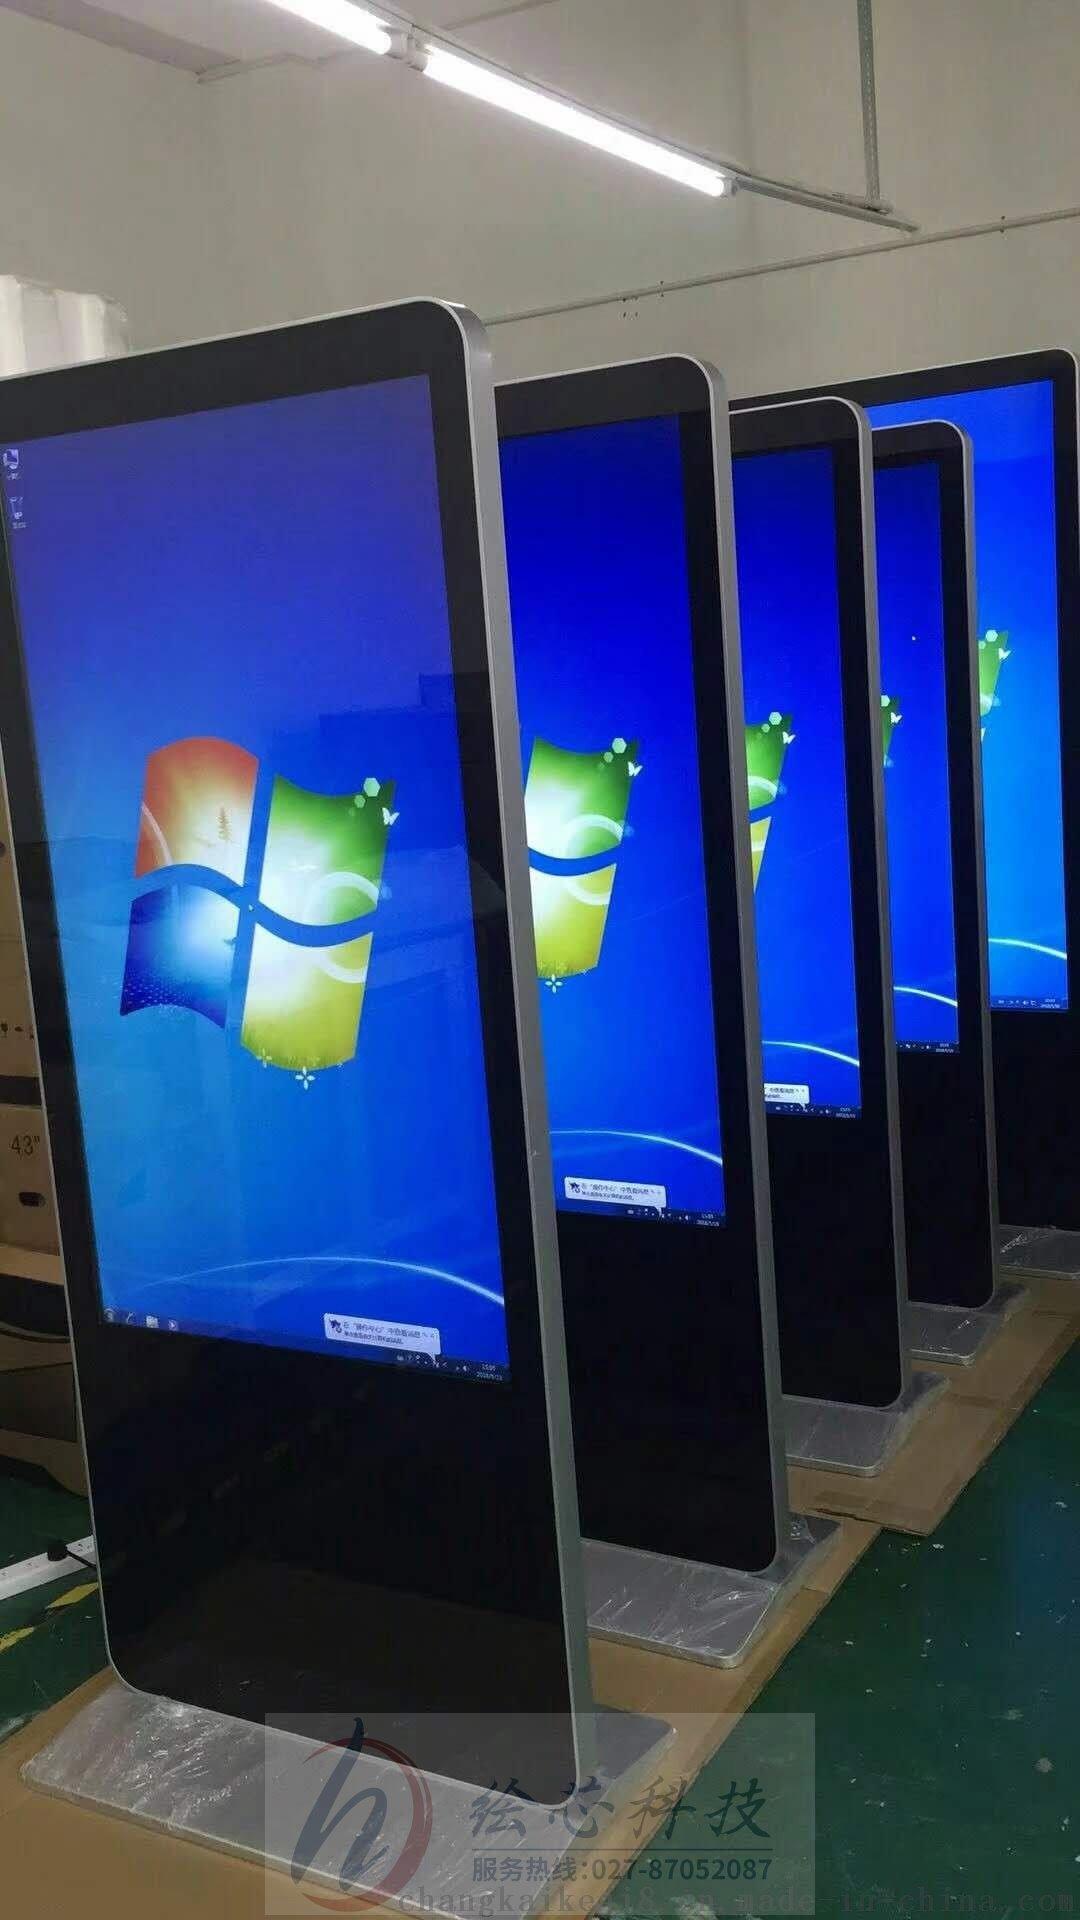 触摸查询一体机 电容触摸屏显示器楼宇电梯商场展会酒店壁挂式高清触屏广告机